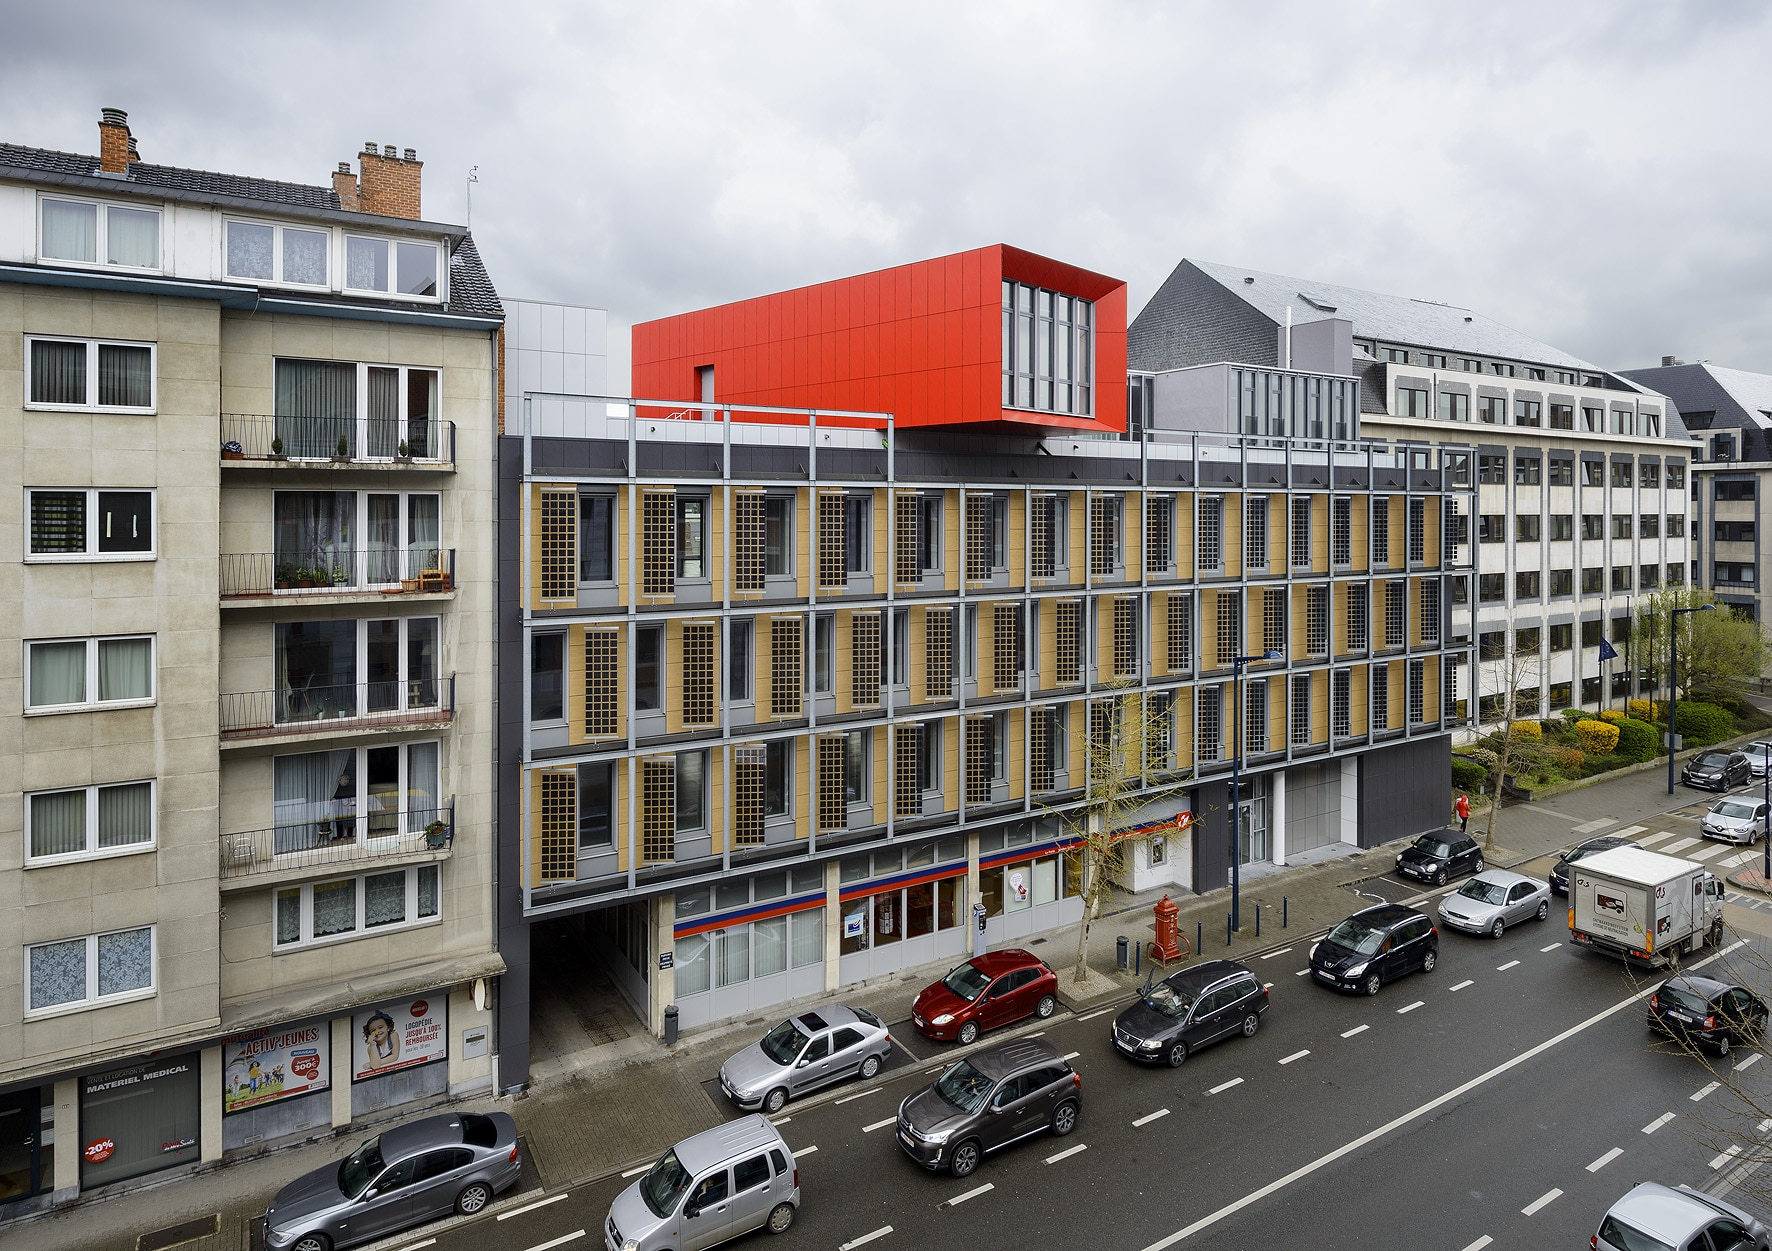 Bureau greisch immeuble de bureaux dgatlpe jambes for Immeuble bureaux hqe